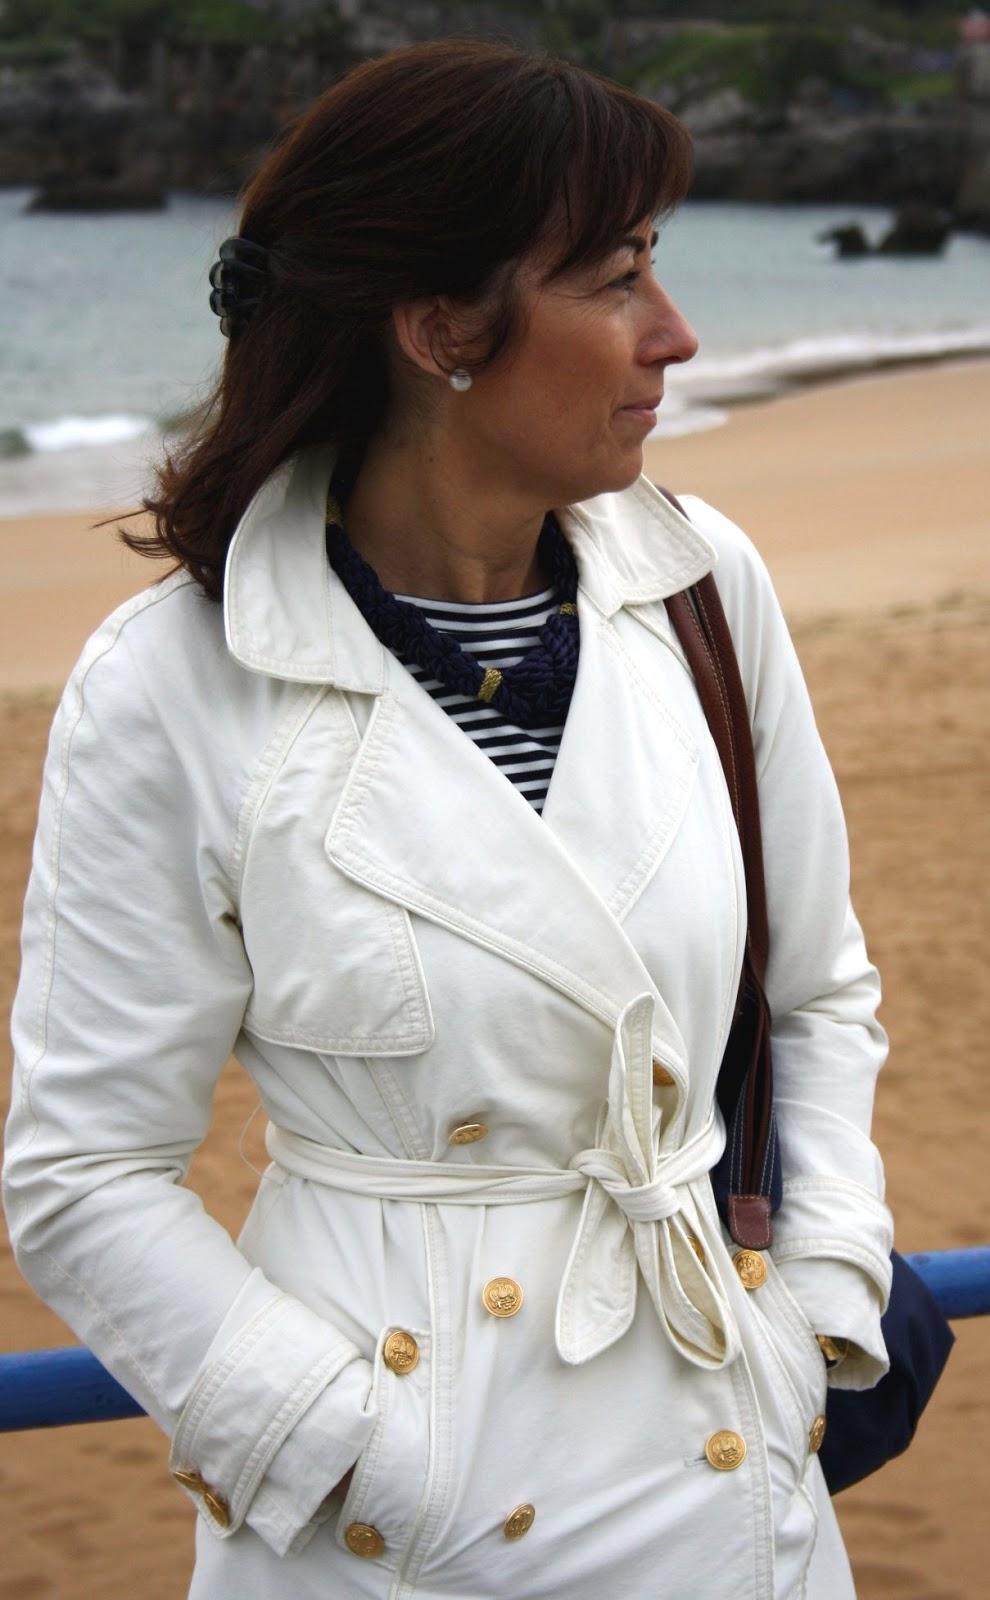 Br jula de estilo mis looks trench blanco y vestido de - Brujula de estilo ...